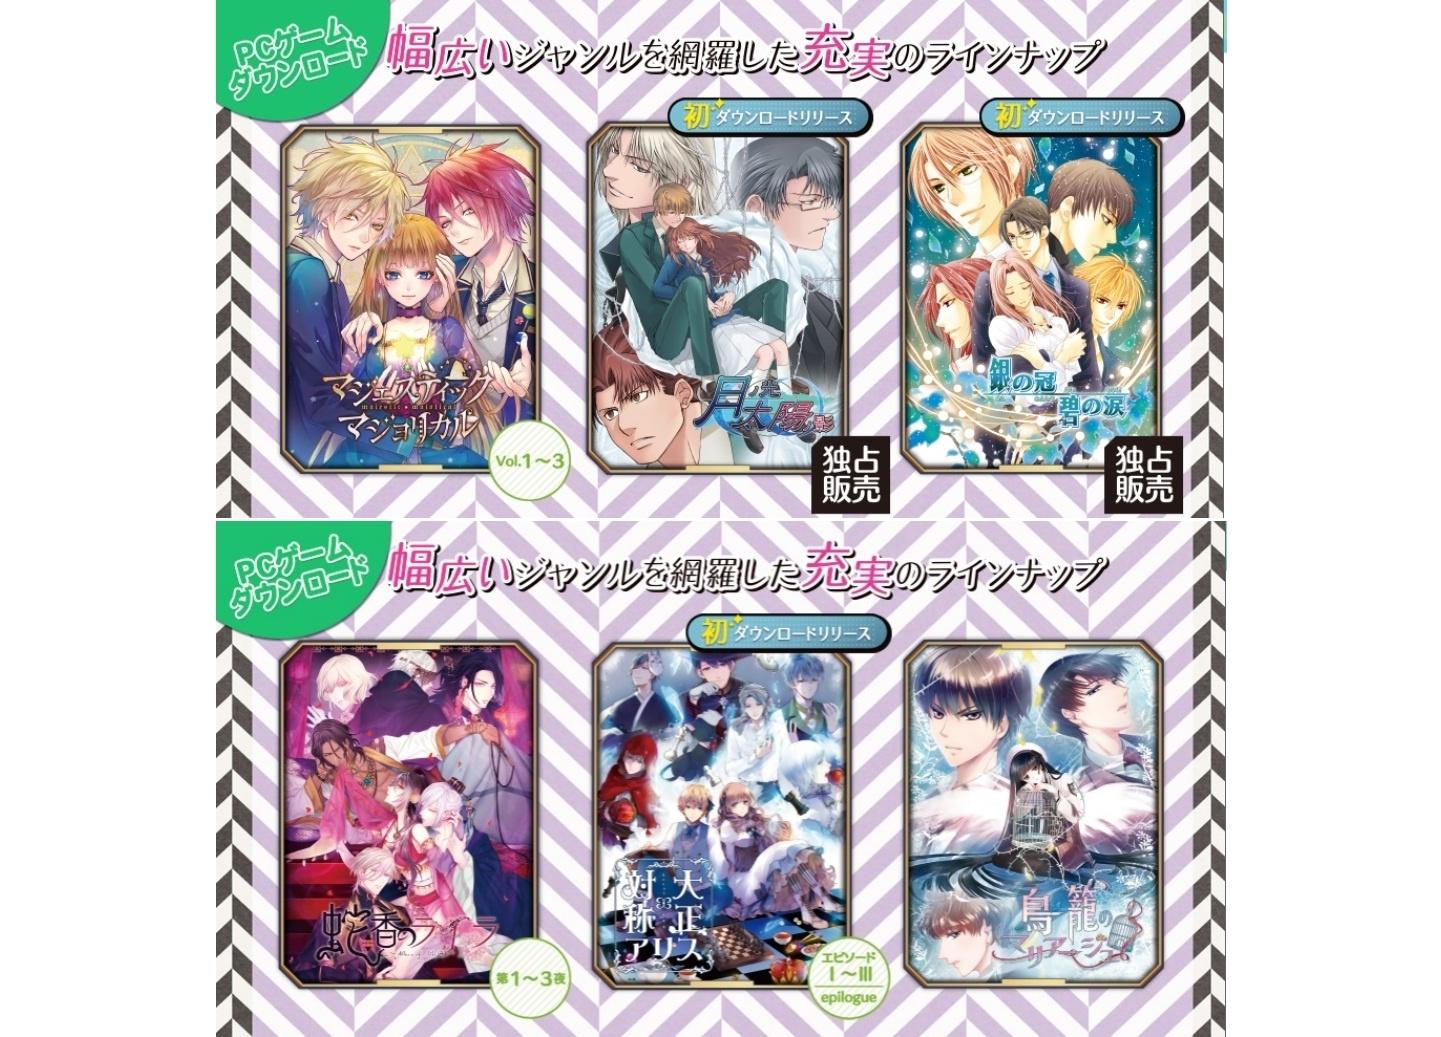 ゲームダウンロードサービス「アニメイトゲームス」が7月25日スタート